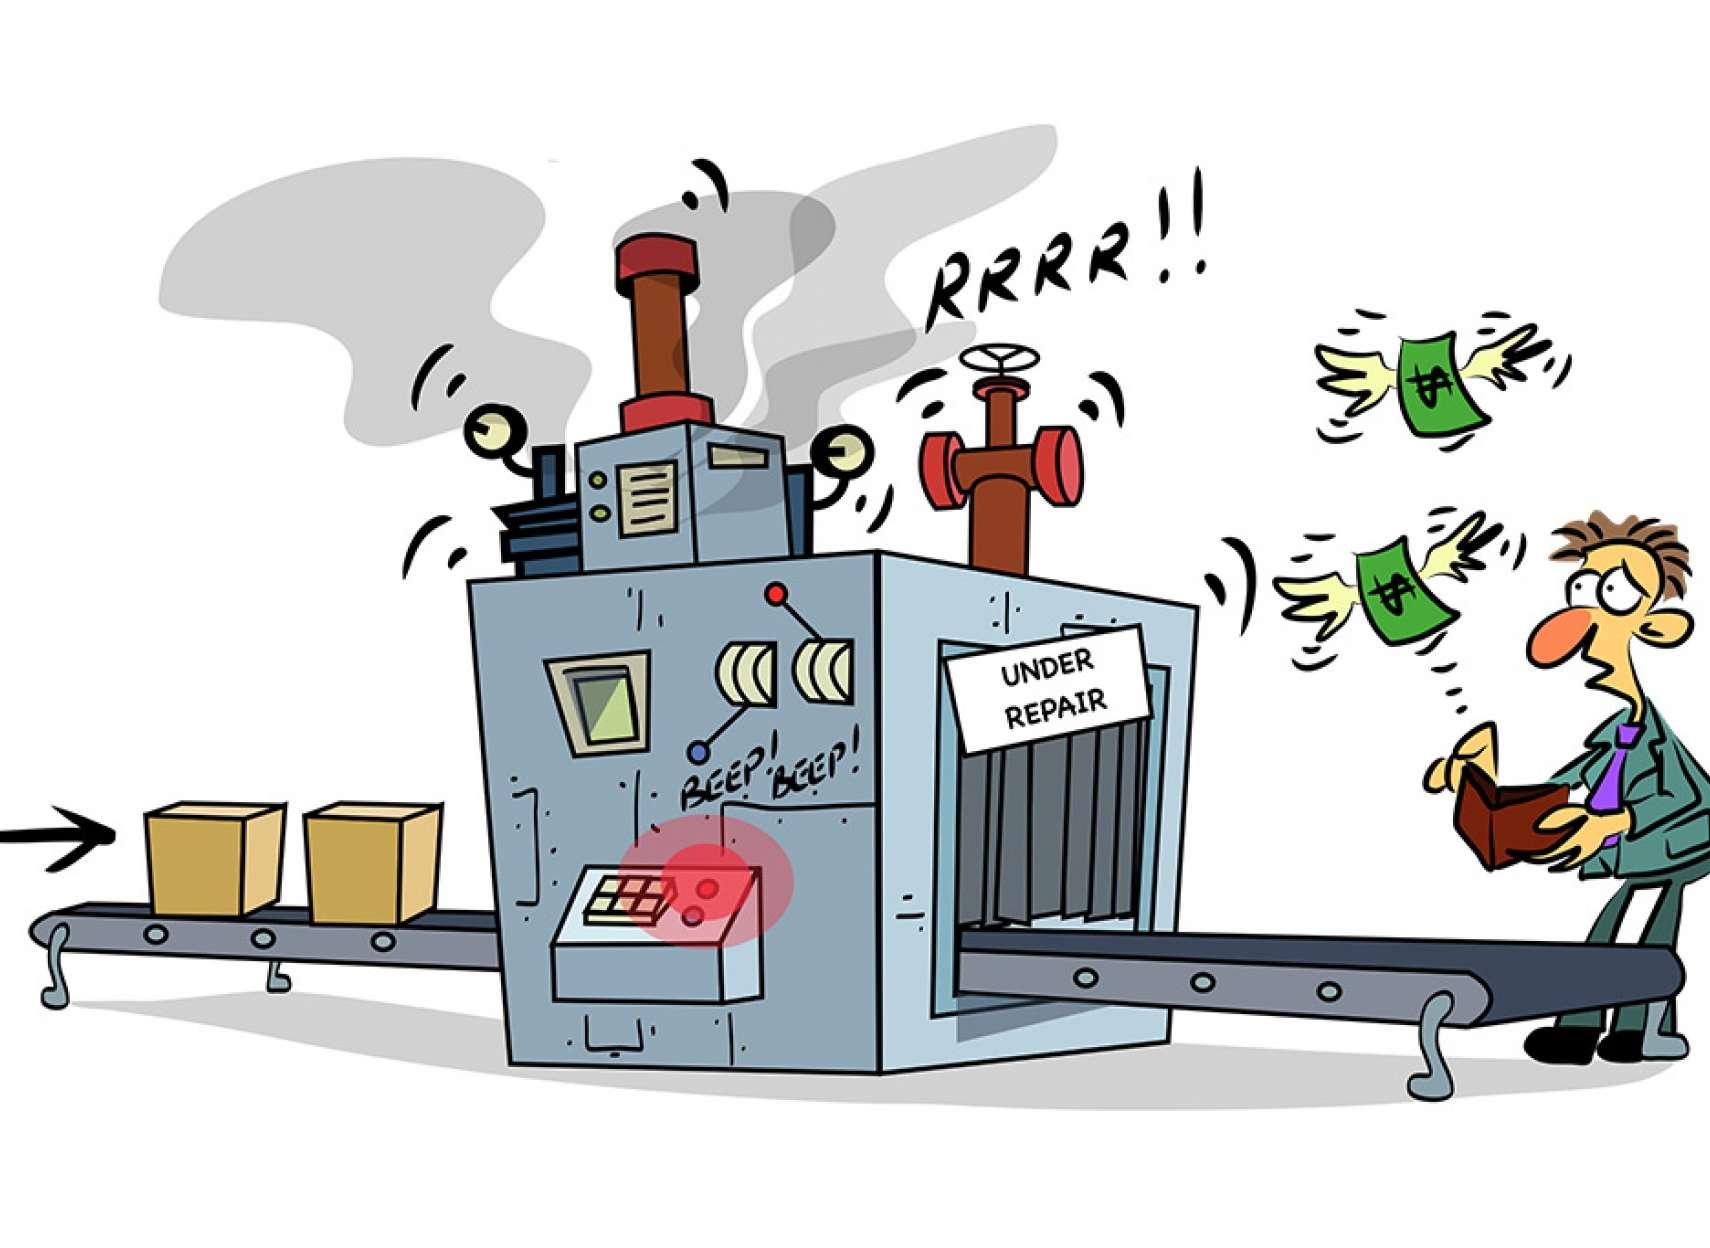 خانه-رامندی-نگهداری-از-تاسیسات-گرمایشی-و-سرمایشی-ساختمان